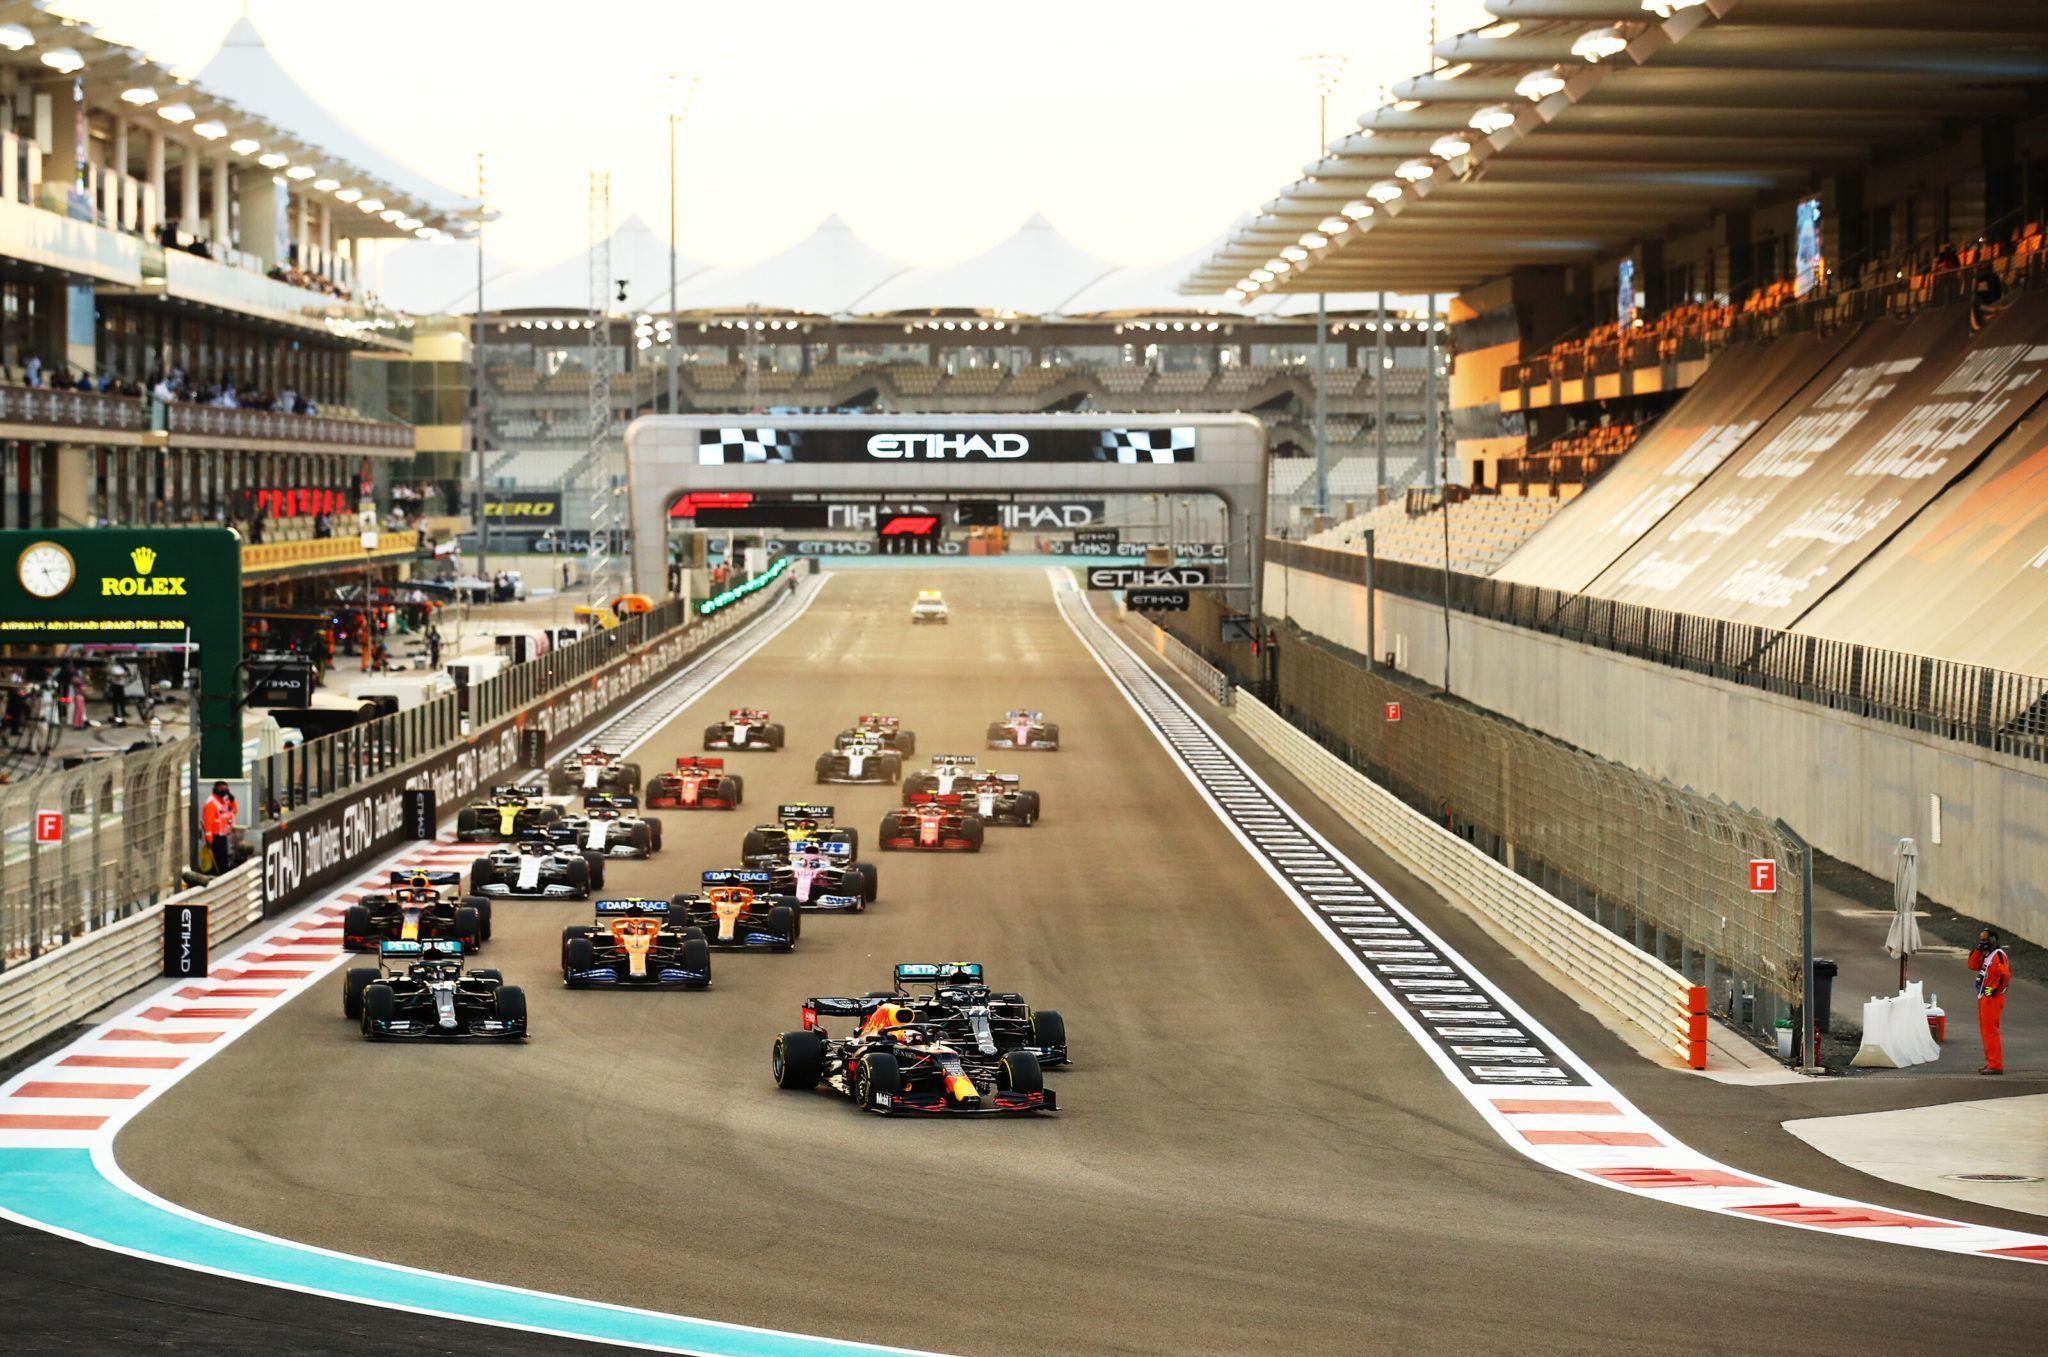 F1, F1 2020, F1 2019